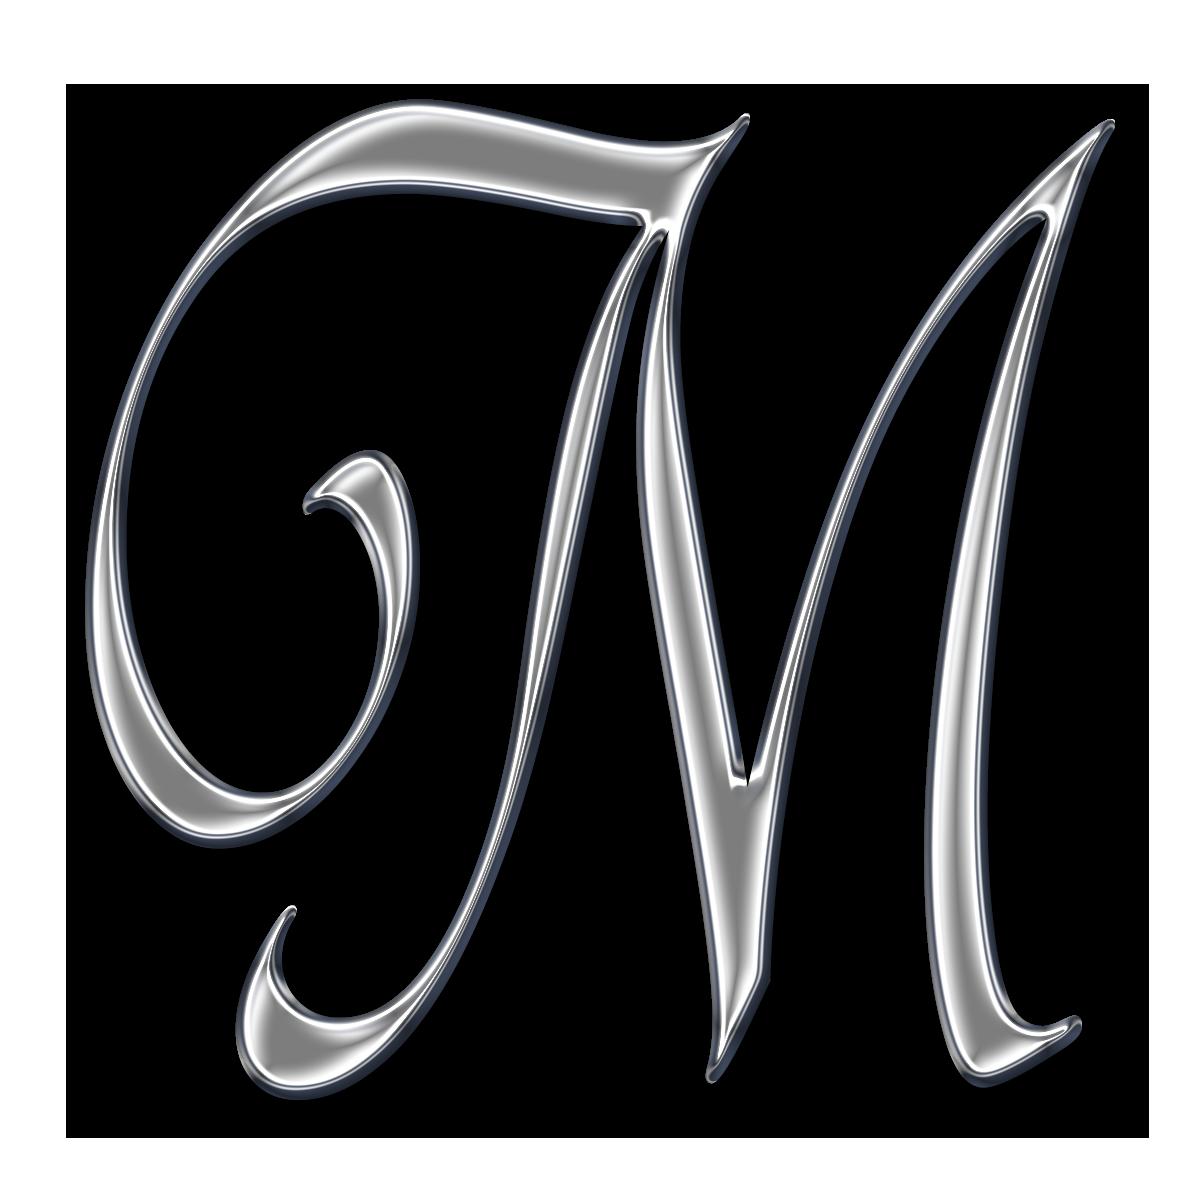 Letter M Wallpapers WallpaperSafari - M